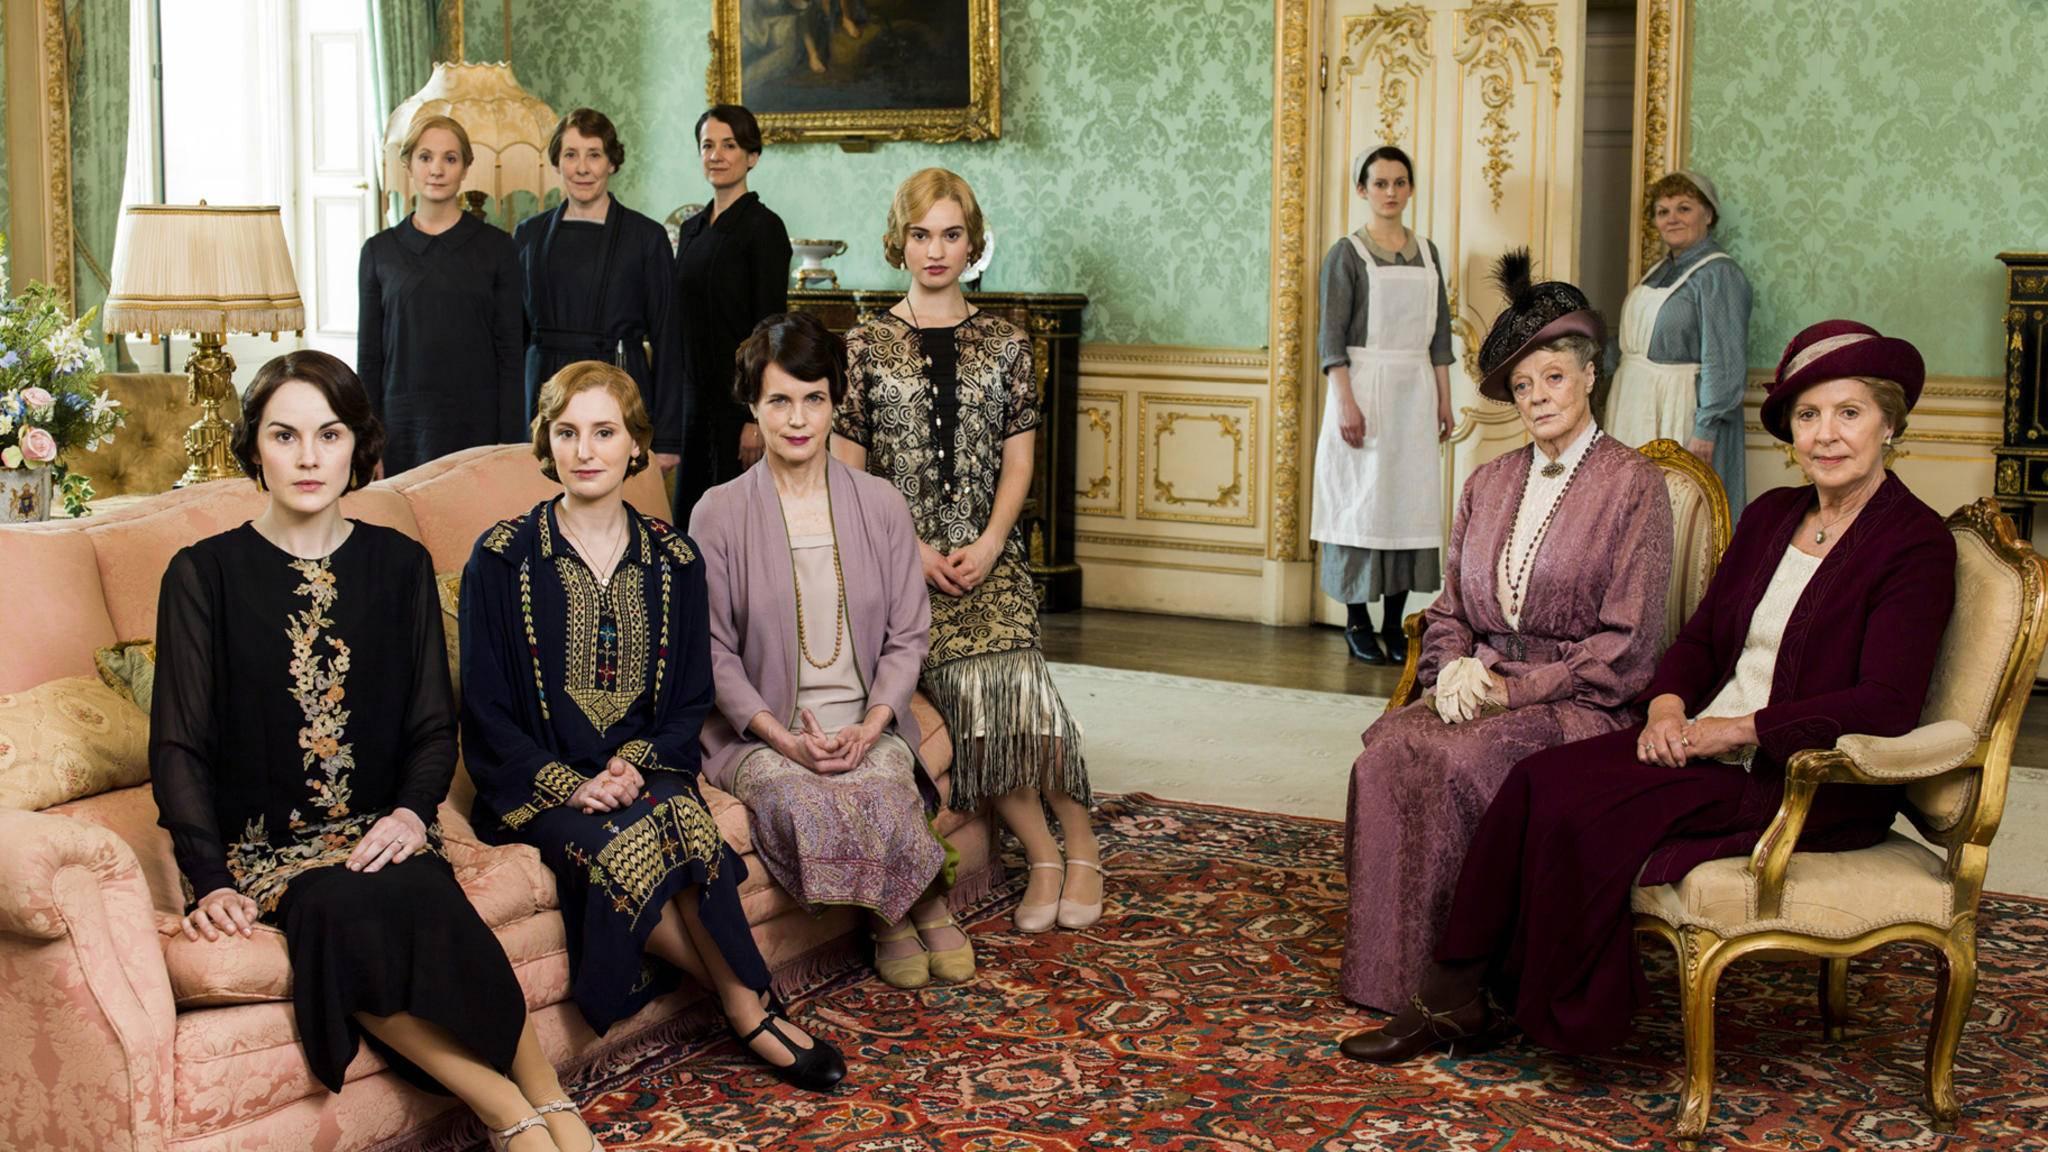 """Ein weiterer """"Downton Abbey""""-Film scheint nicht ausgeschlossen zu sein."""